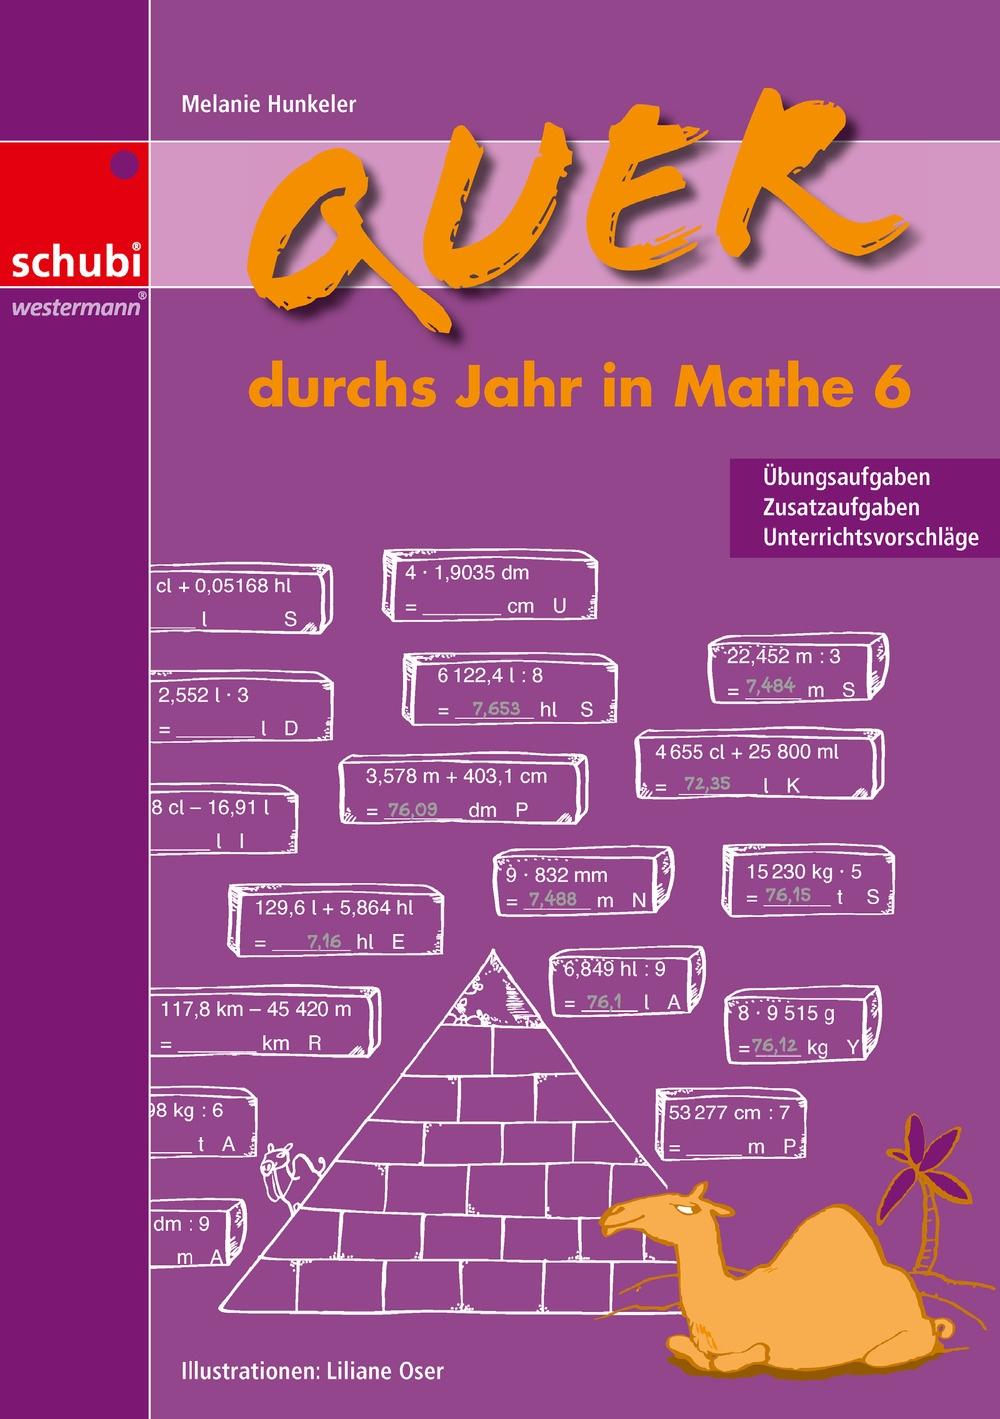 Quer durchs Jahr in Mathe 6 - SCHUBI